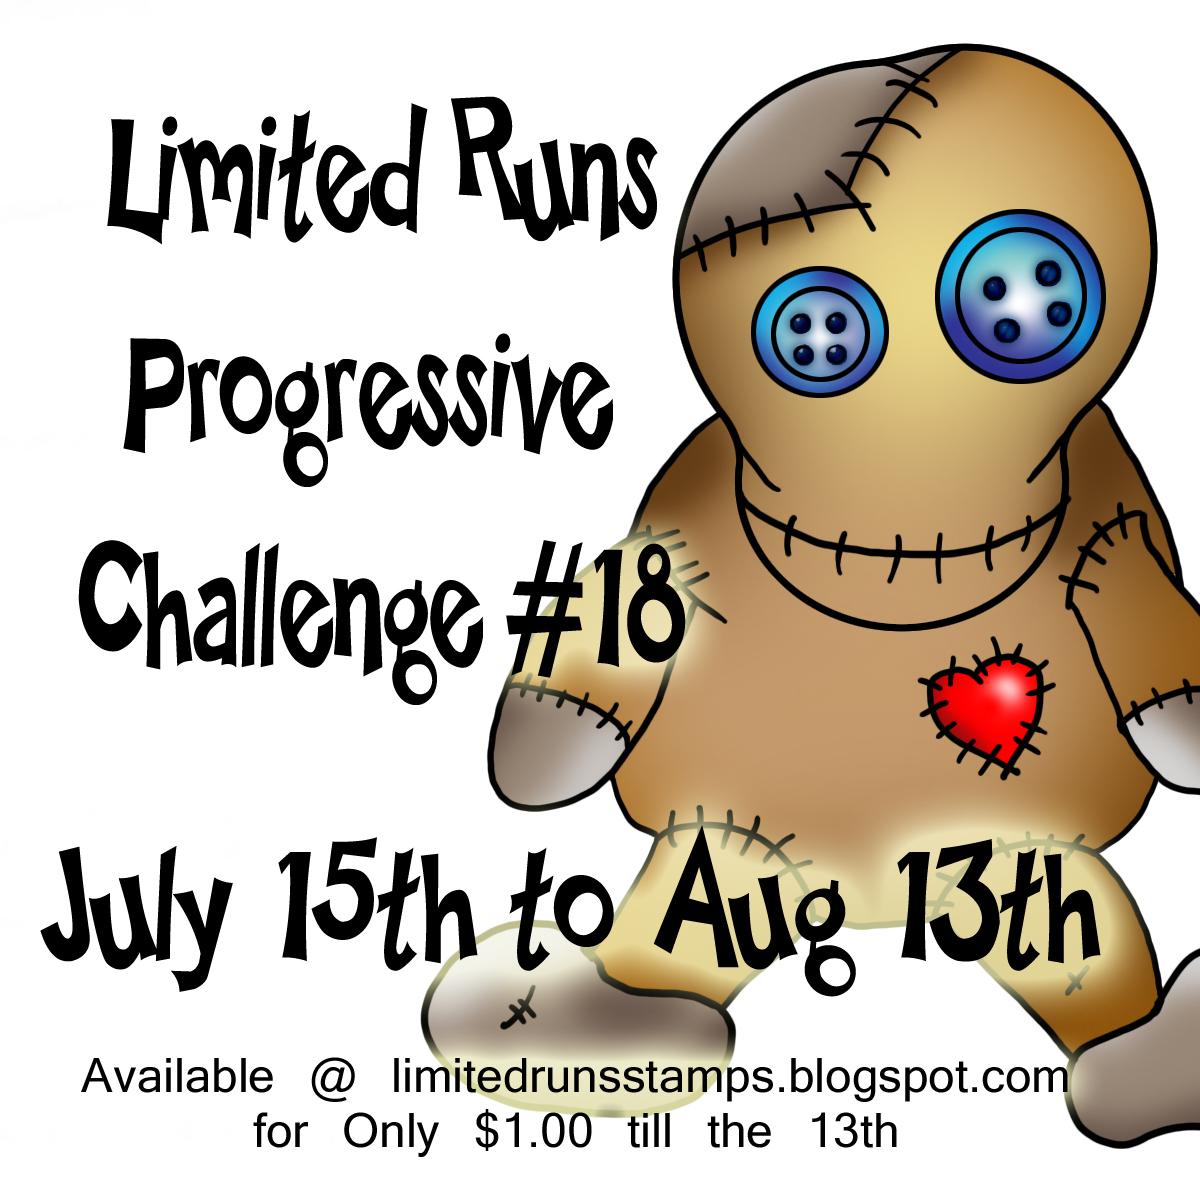 Limited Runs